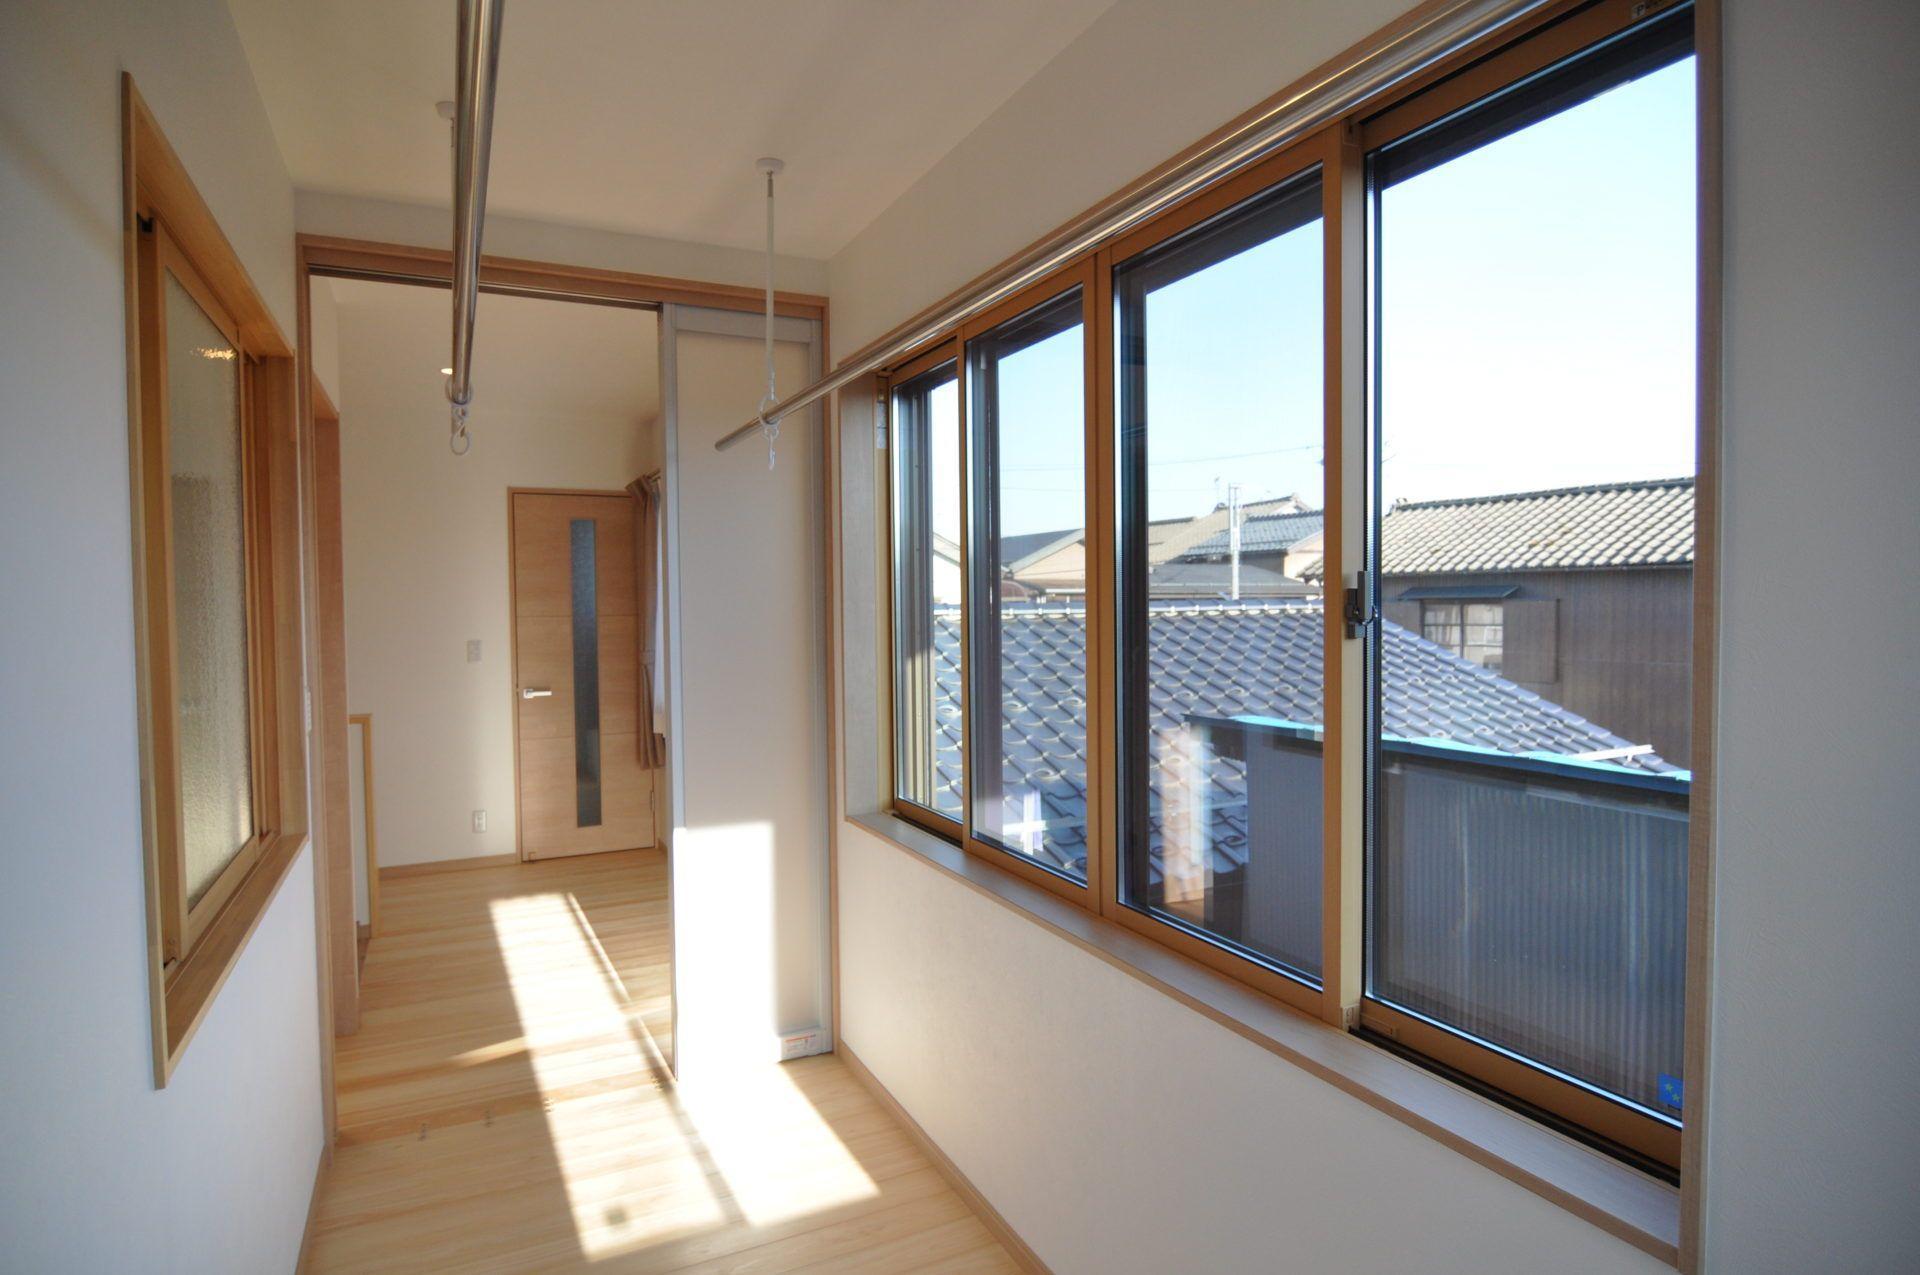 有限会社 市川建築店 1級建築士事務所「三条市 T様邸」のシンプル・ナチュラルな廊下の実例写真